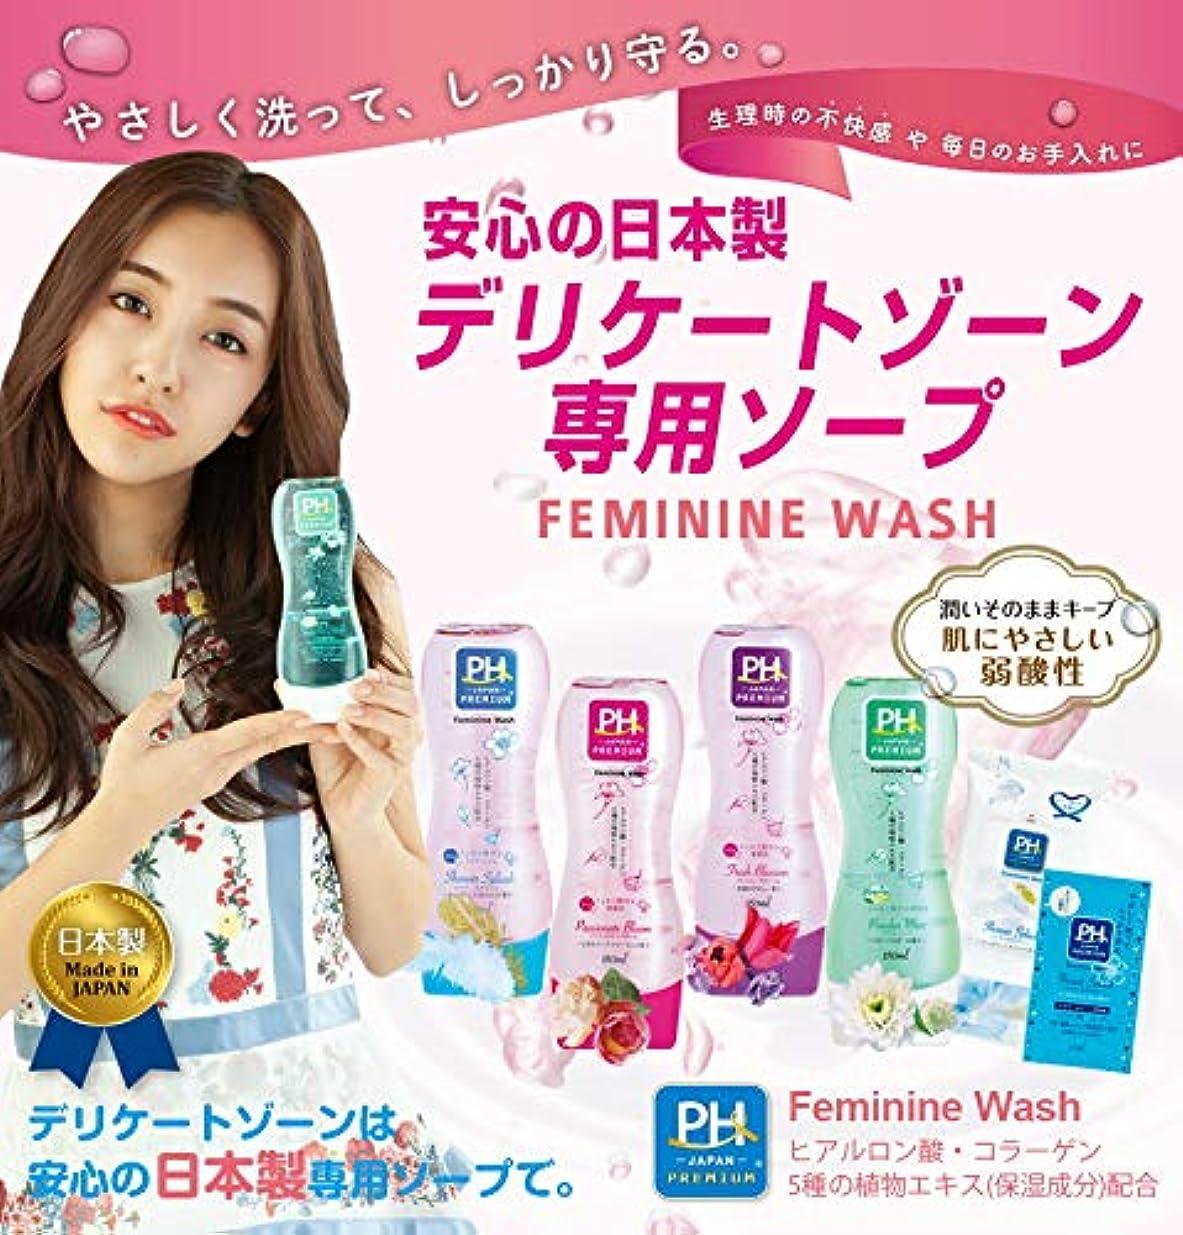 シャワーたとえカヌーパウダーミント2本セット PH JAPAN フェミニンウォッシュ ベビーパウダーの香り